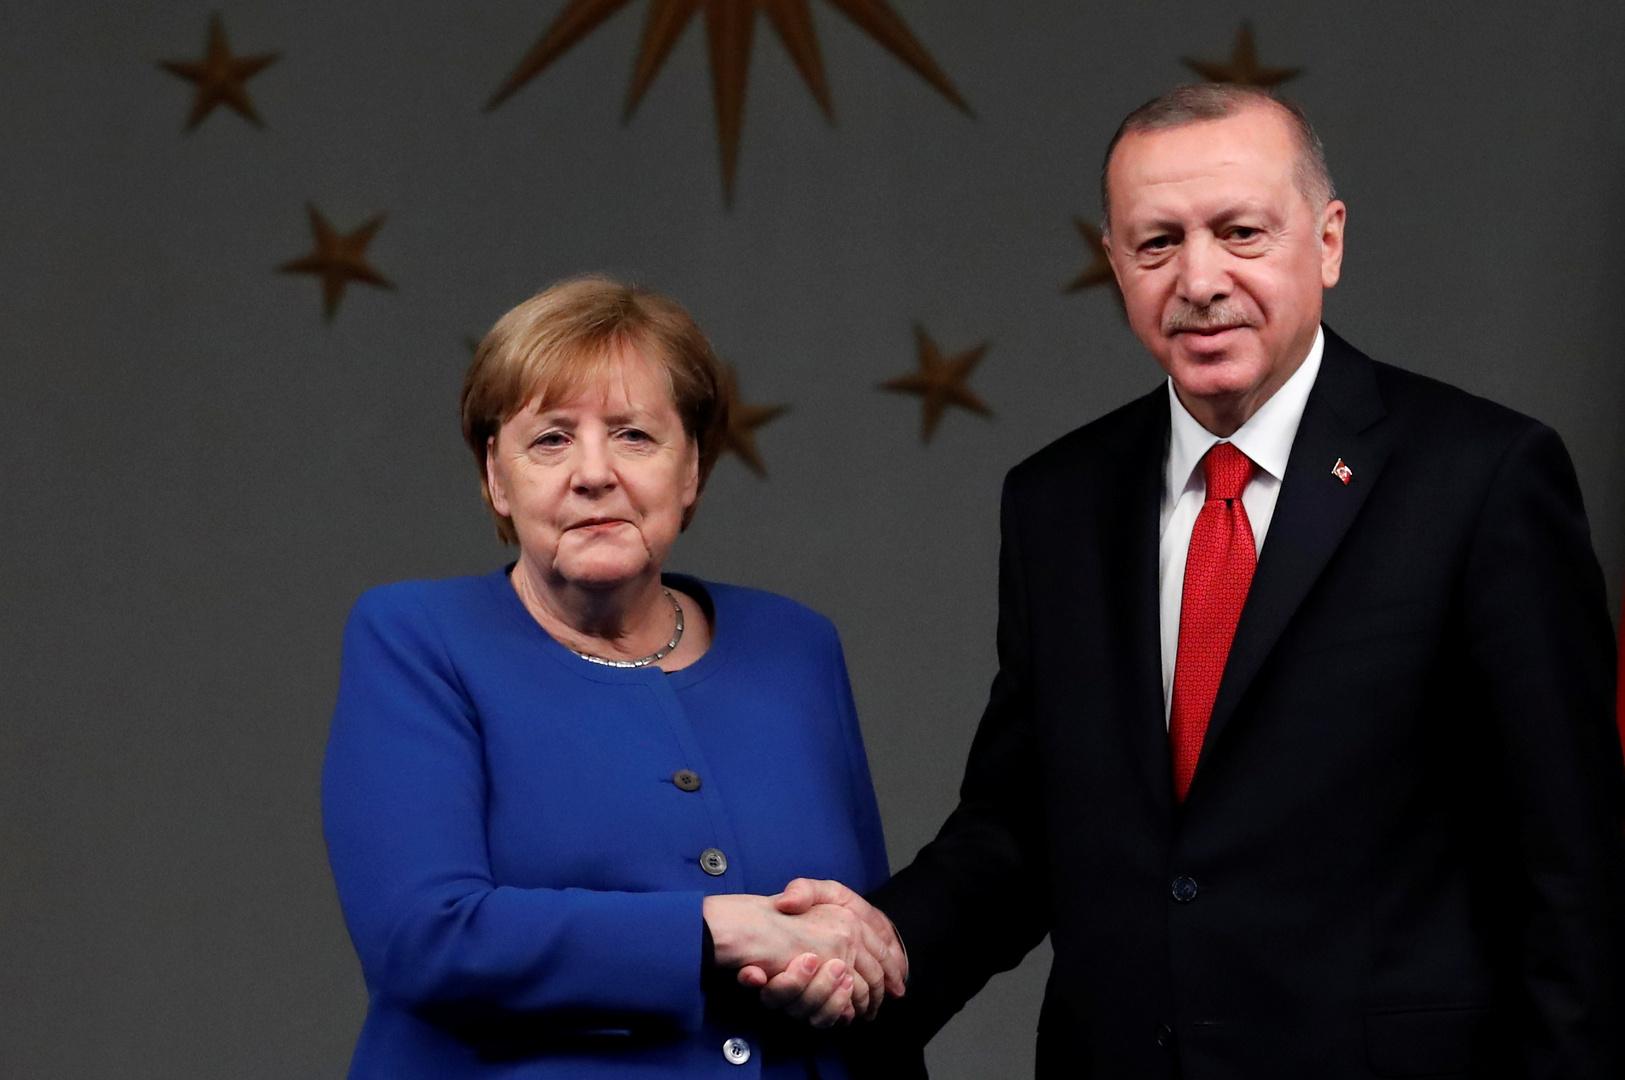 أردوغان وميركل يتفقان على دعم حكومة الوحدة الليبية